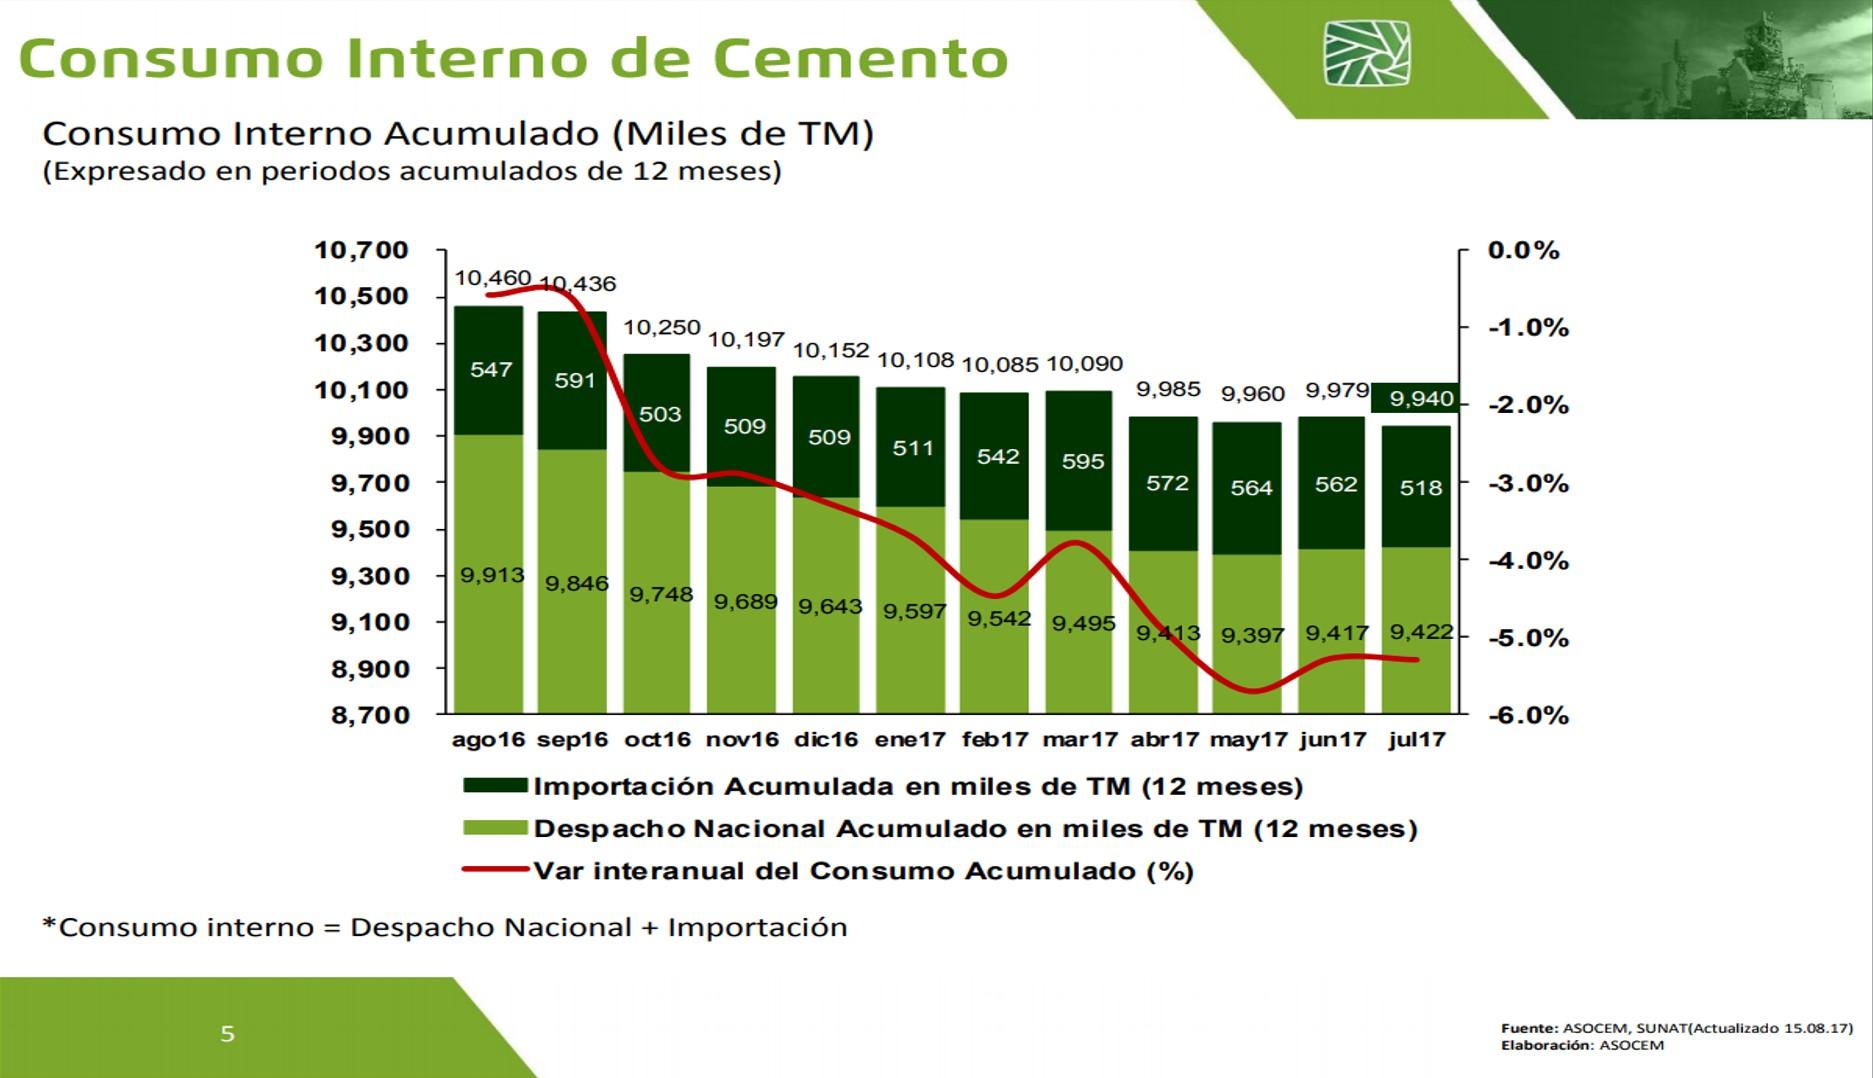 Asocem: Despacho nacional de cemento creció 0.6% en julio